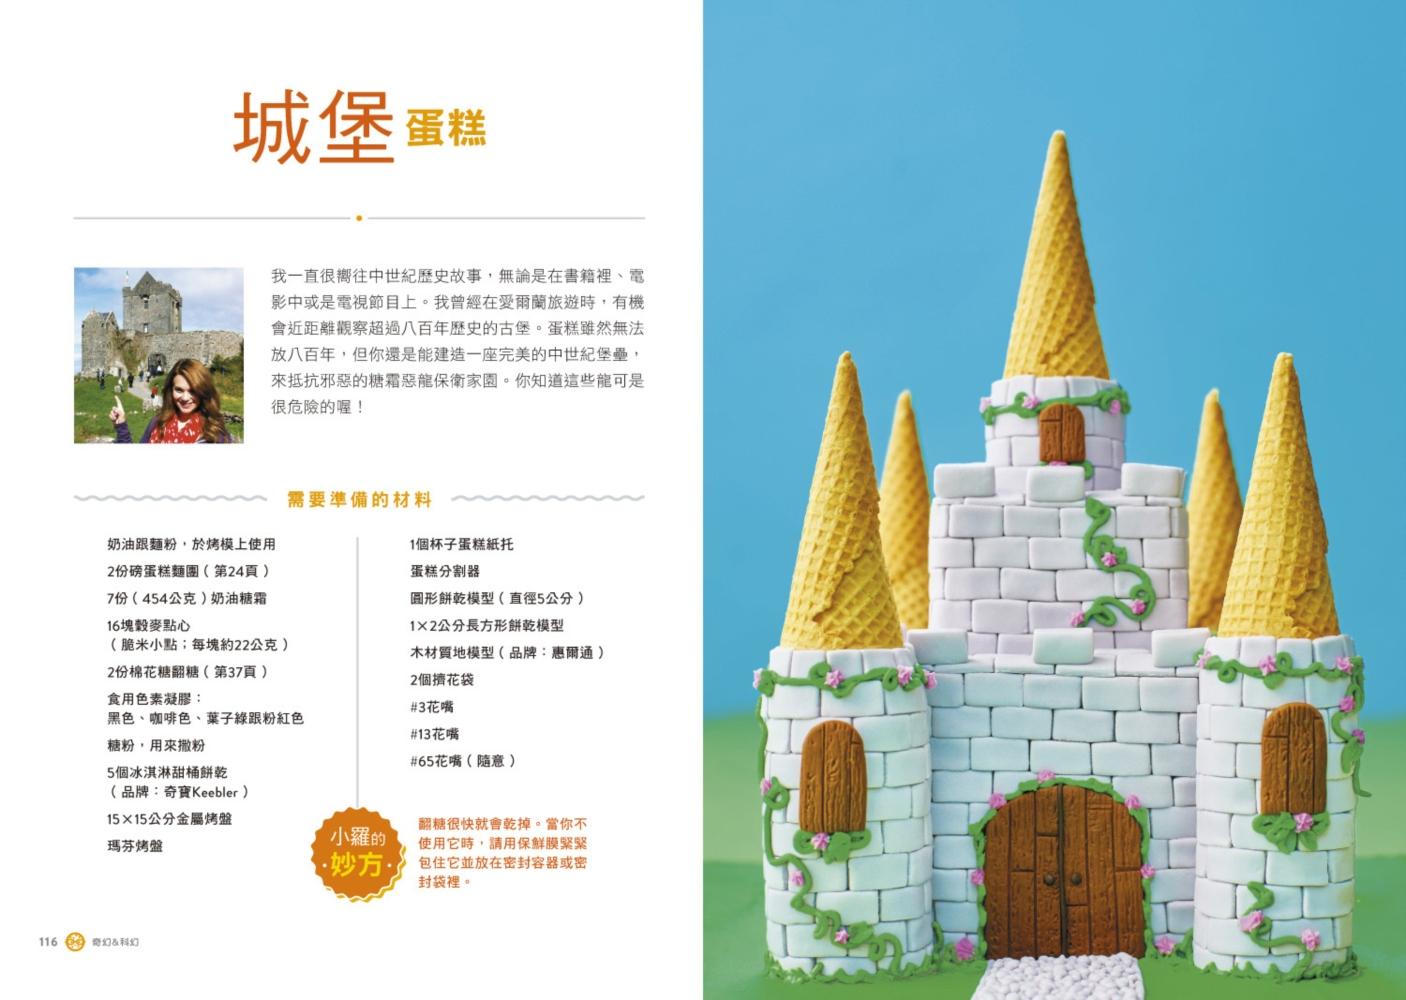 //im1.book.com.tw/image/getImage?i=http://www.books.com.tw/img/001/075/53/0010755383_b_08.jpg&v=5939358e&w=655&h=609